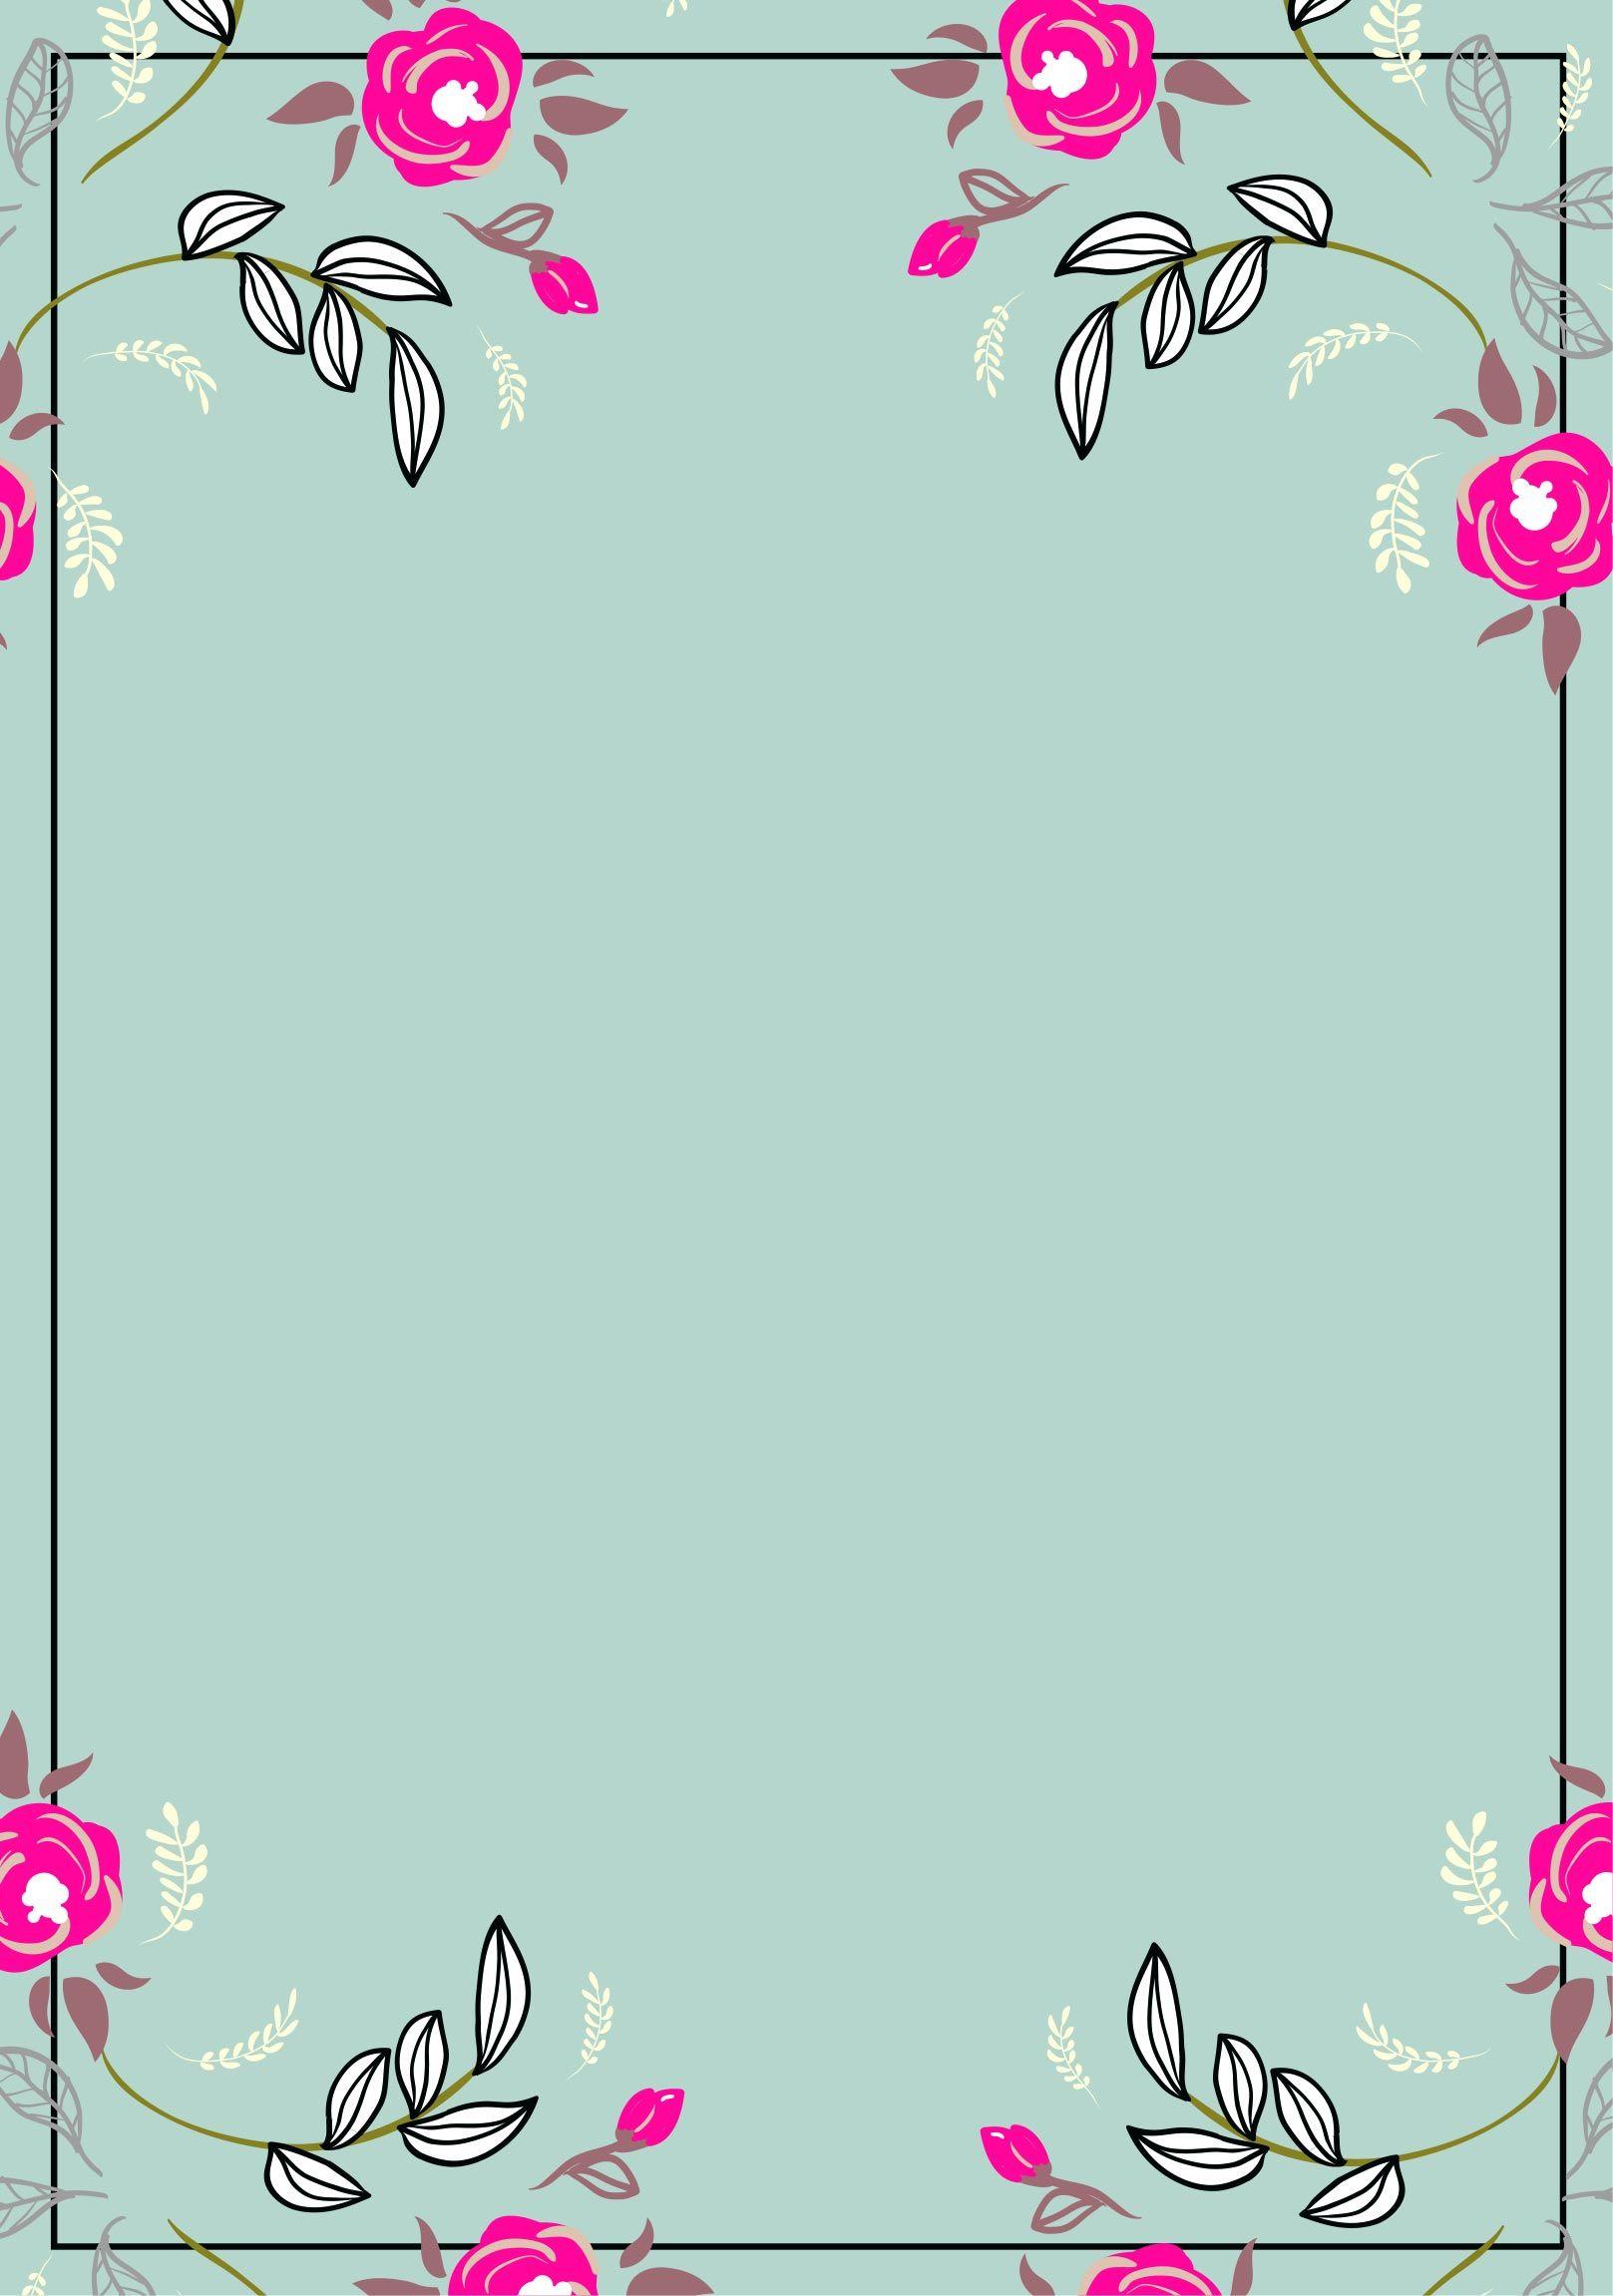 画像サンプル ポップな花の色紙 花 壁紙 色紙 壁紙